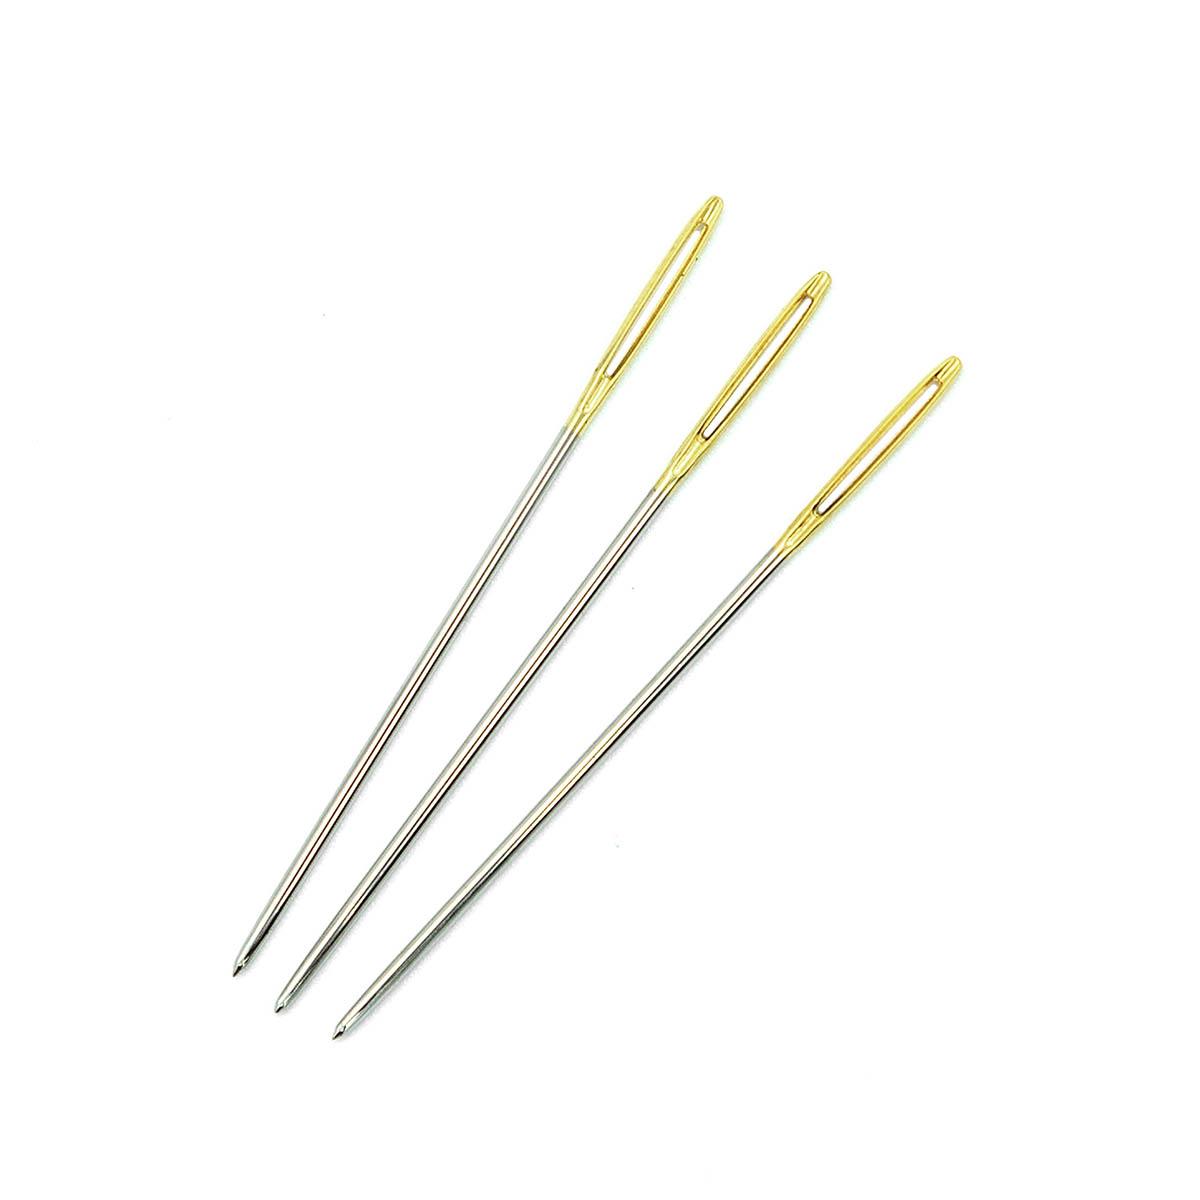 Иглы ручные с золотым ушком для гобеленов №20, 6шт. 110202/g, Hobby&Pro